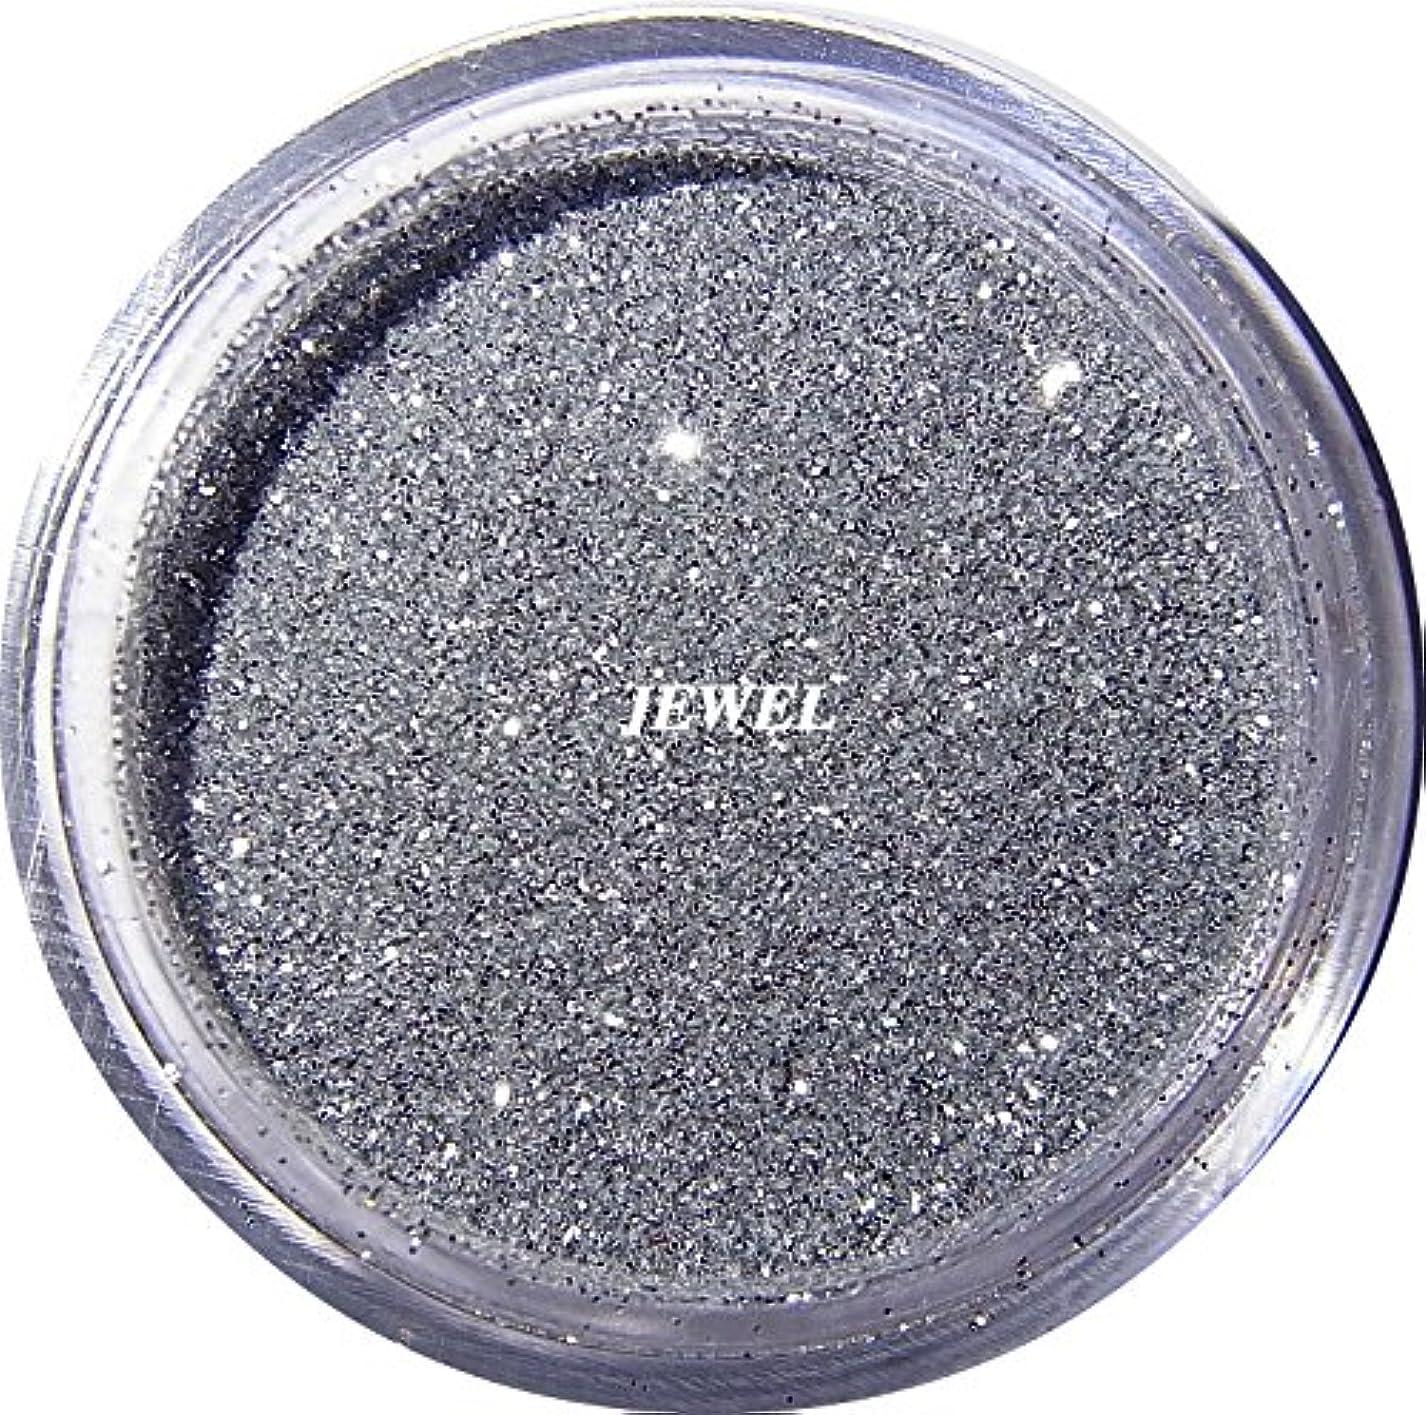 アパート環境不合格【jewel】 超微粒子ラメパウダー(銀/シルバー) 256/1サイズ 2g入り レジン&ネイル用 グリッター